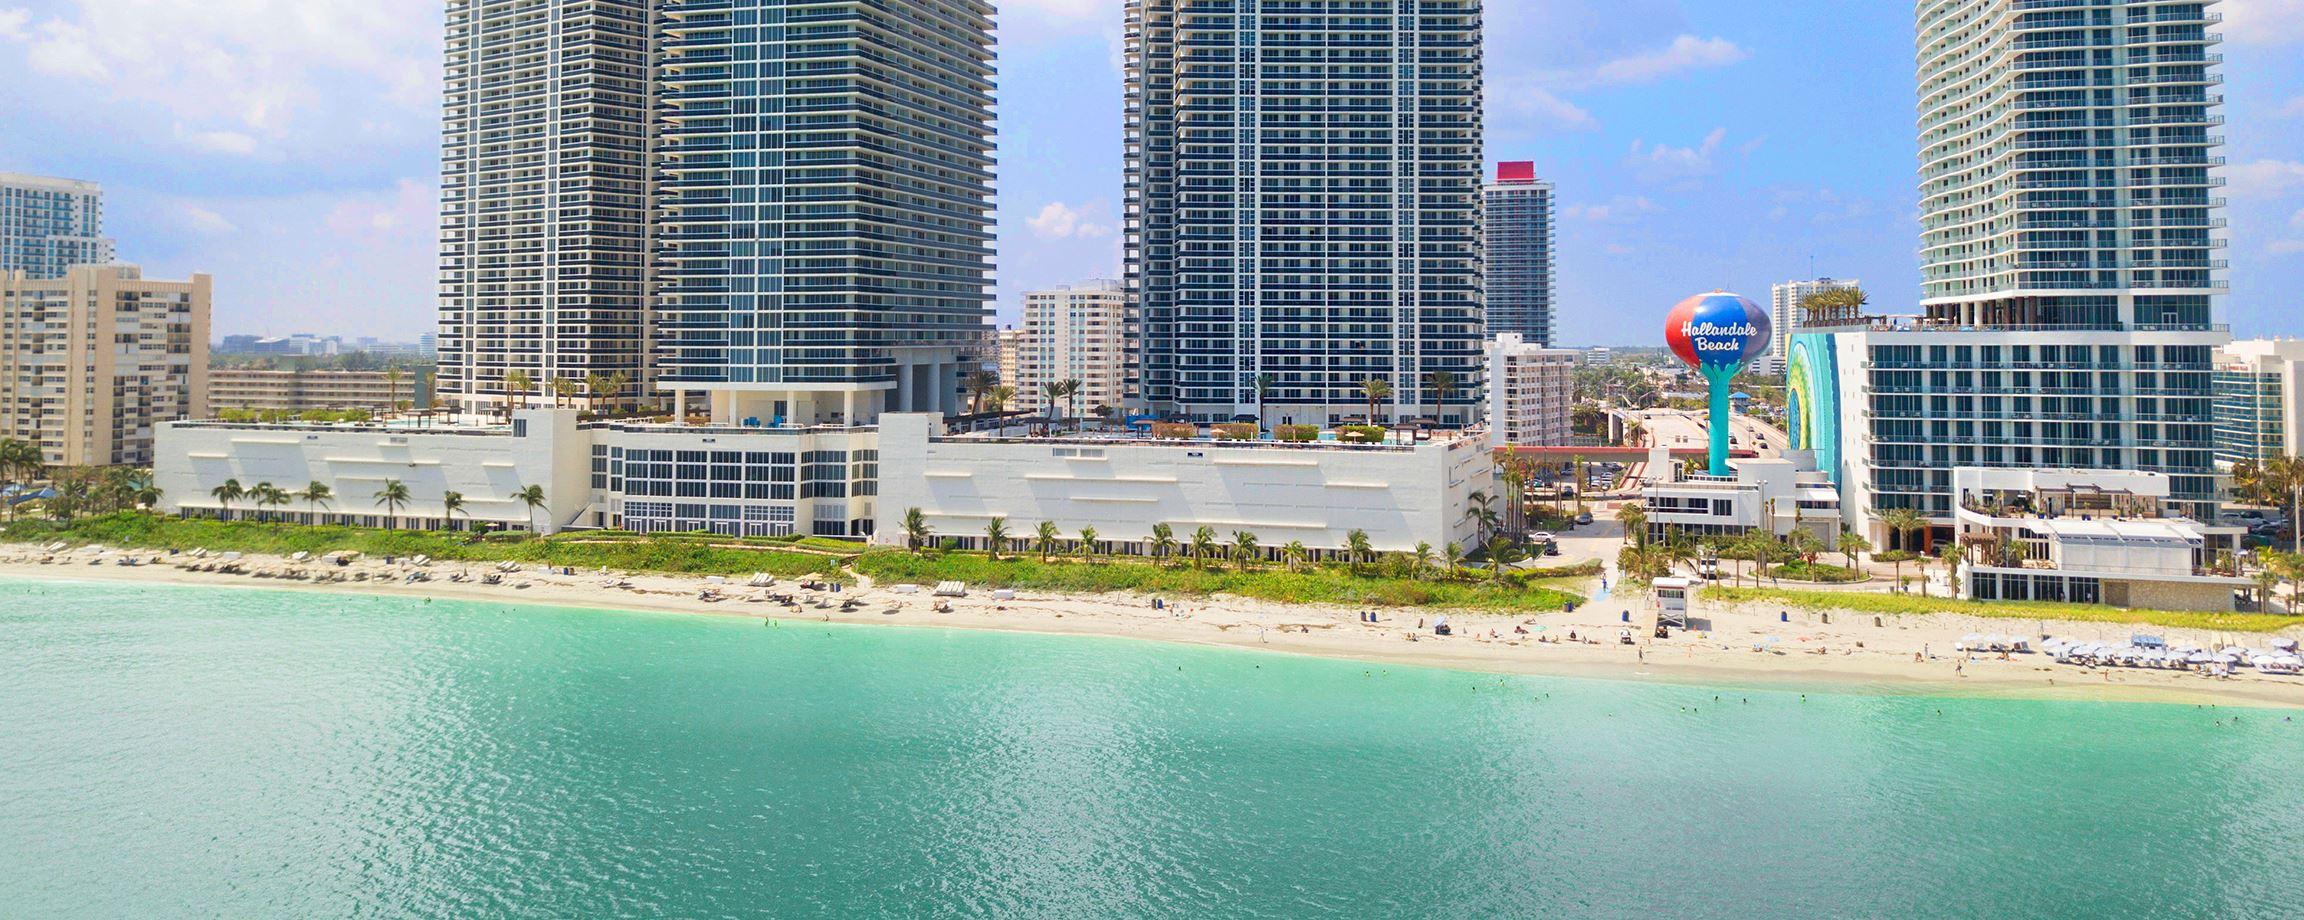 Hallandale Beach, FL - Official Website | Official Website